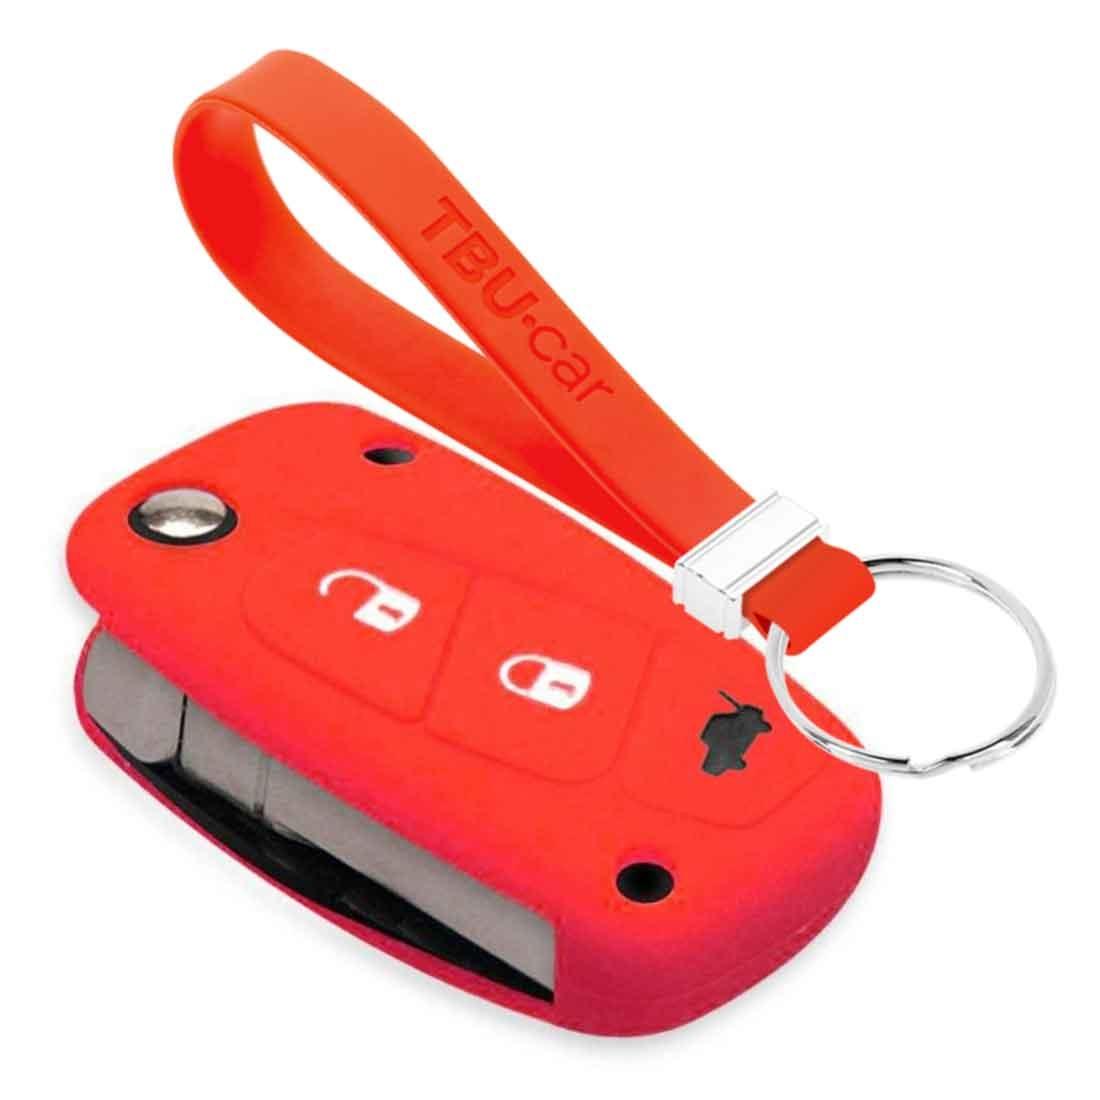 TBU car TBU car Funda Carcasa llave compatible con Fiat - Funda de Silicona - Cover de Llave Coche - Rojo